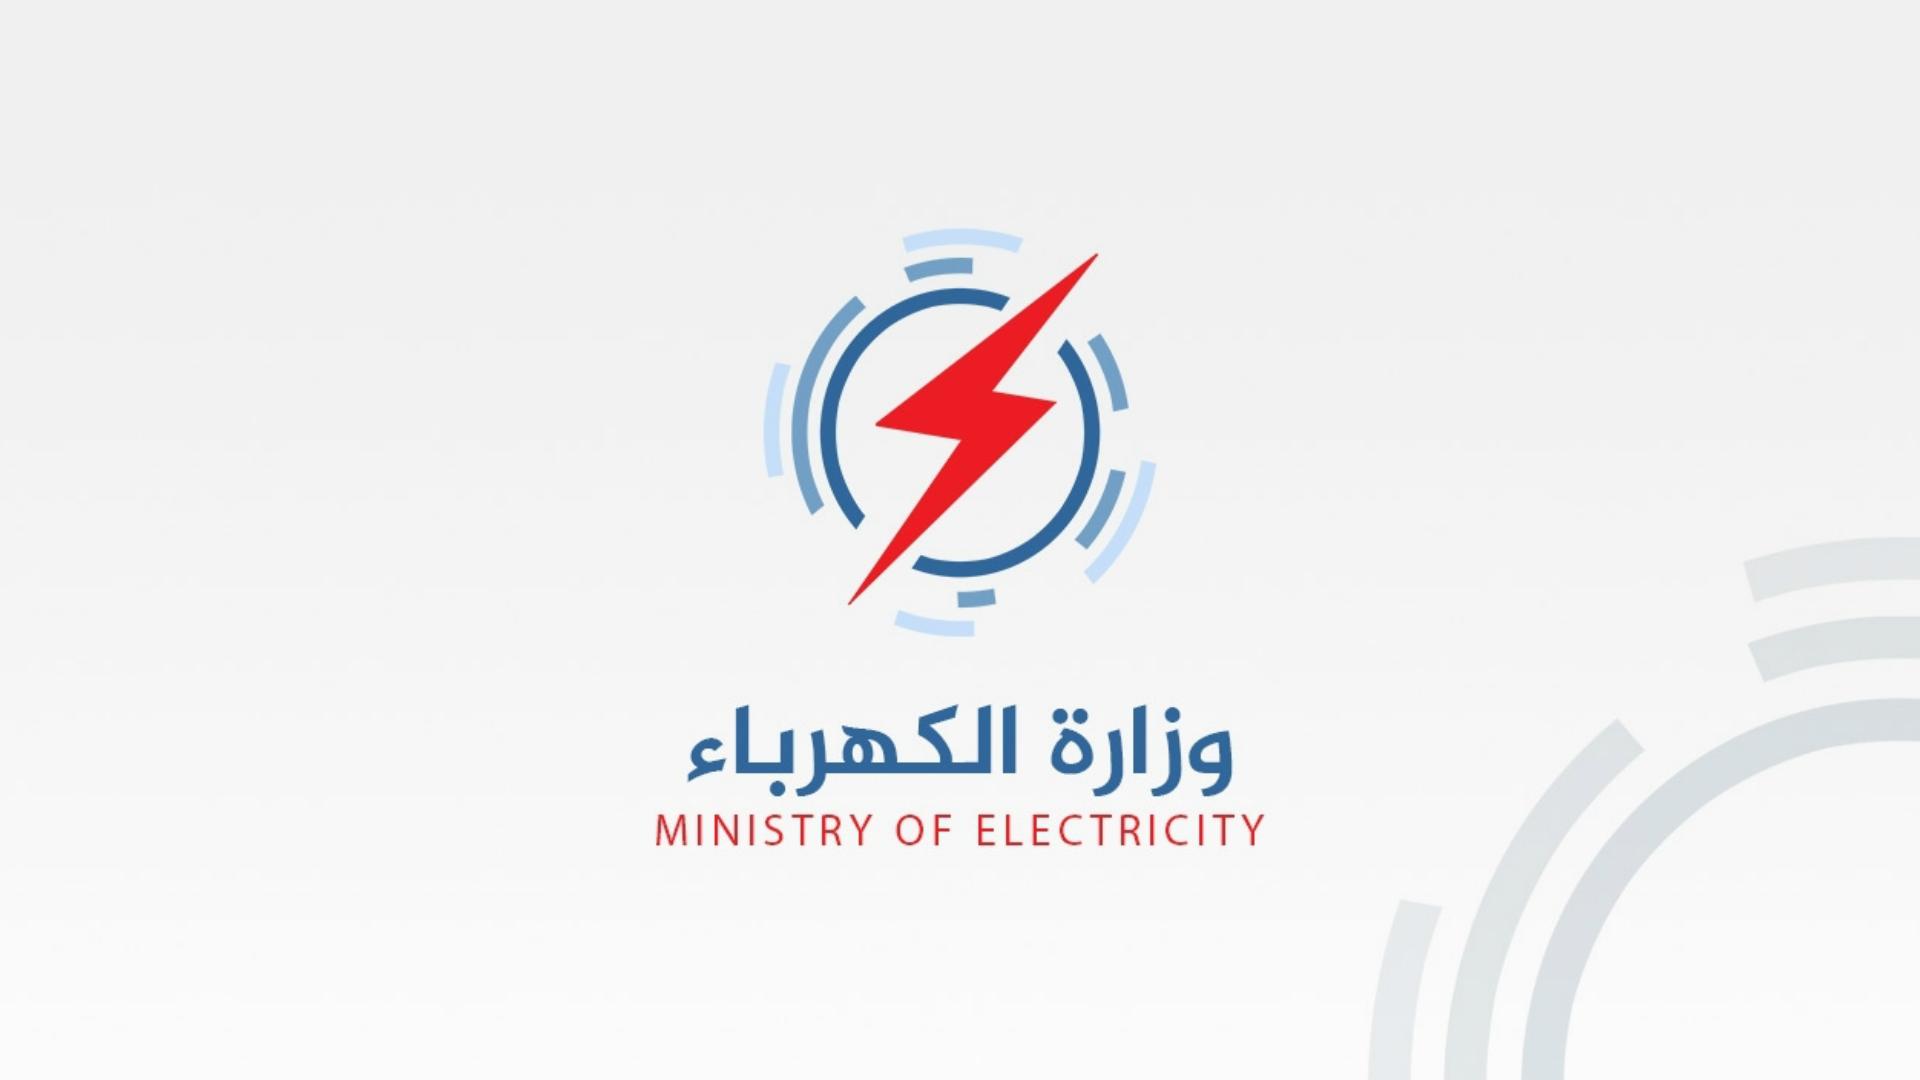 وزارة الكهرباء تعلن ارتفاع إنتاج الكهرباء بنسبة 25%